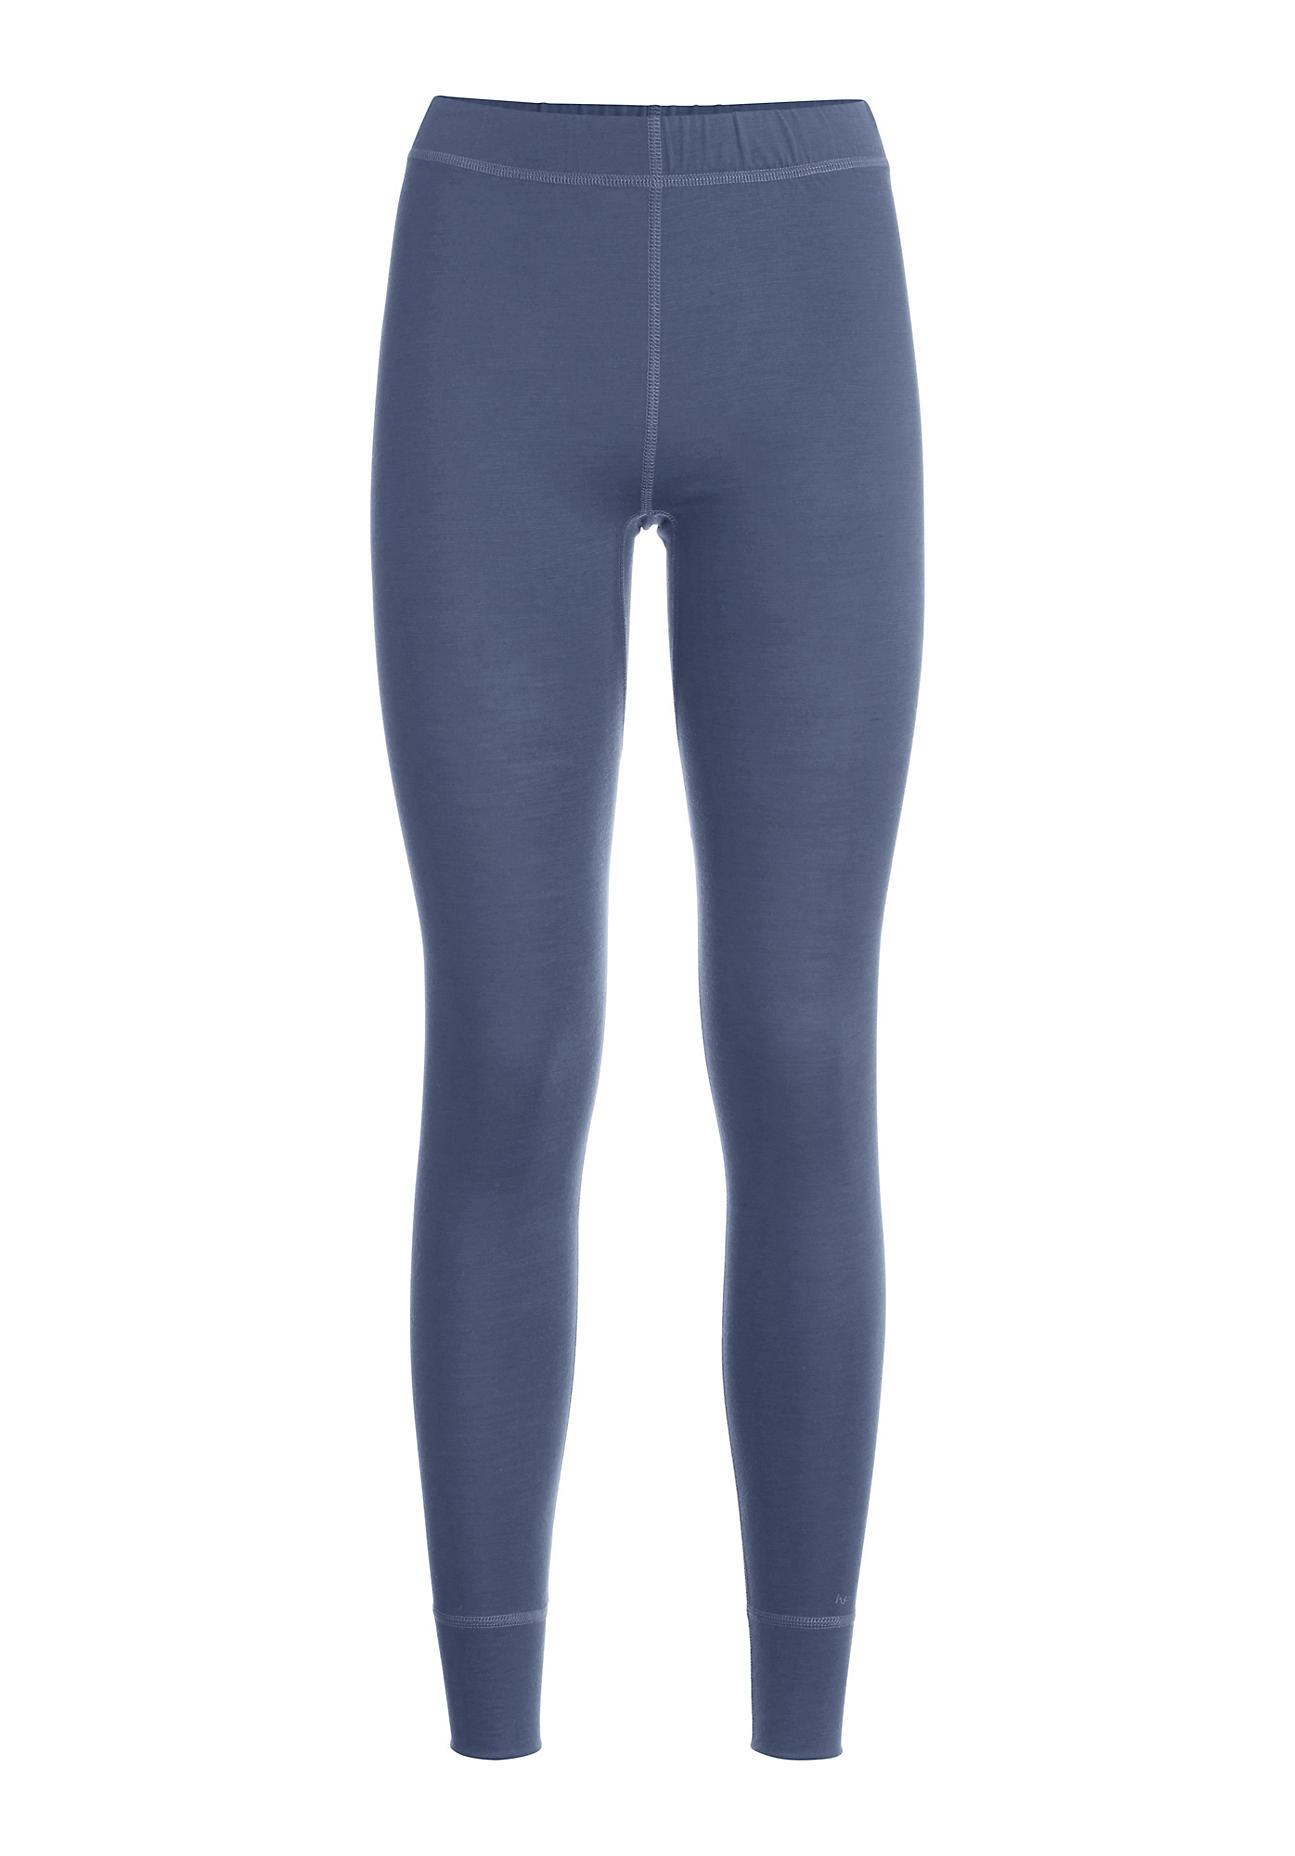 Waesche - hessnatur Damen Leggings aus Bio Merinowolle – blau – Größe 38  - Onlineshop Hessnatur